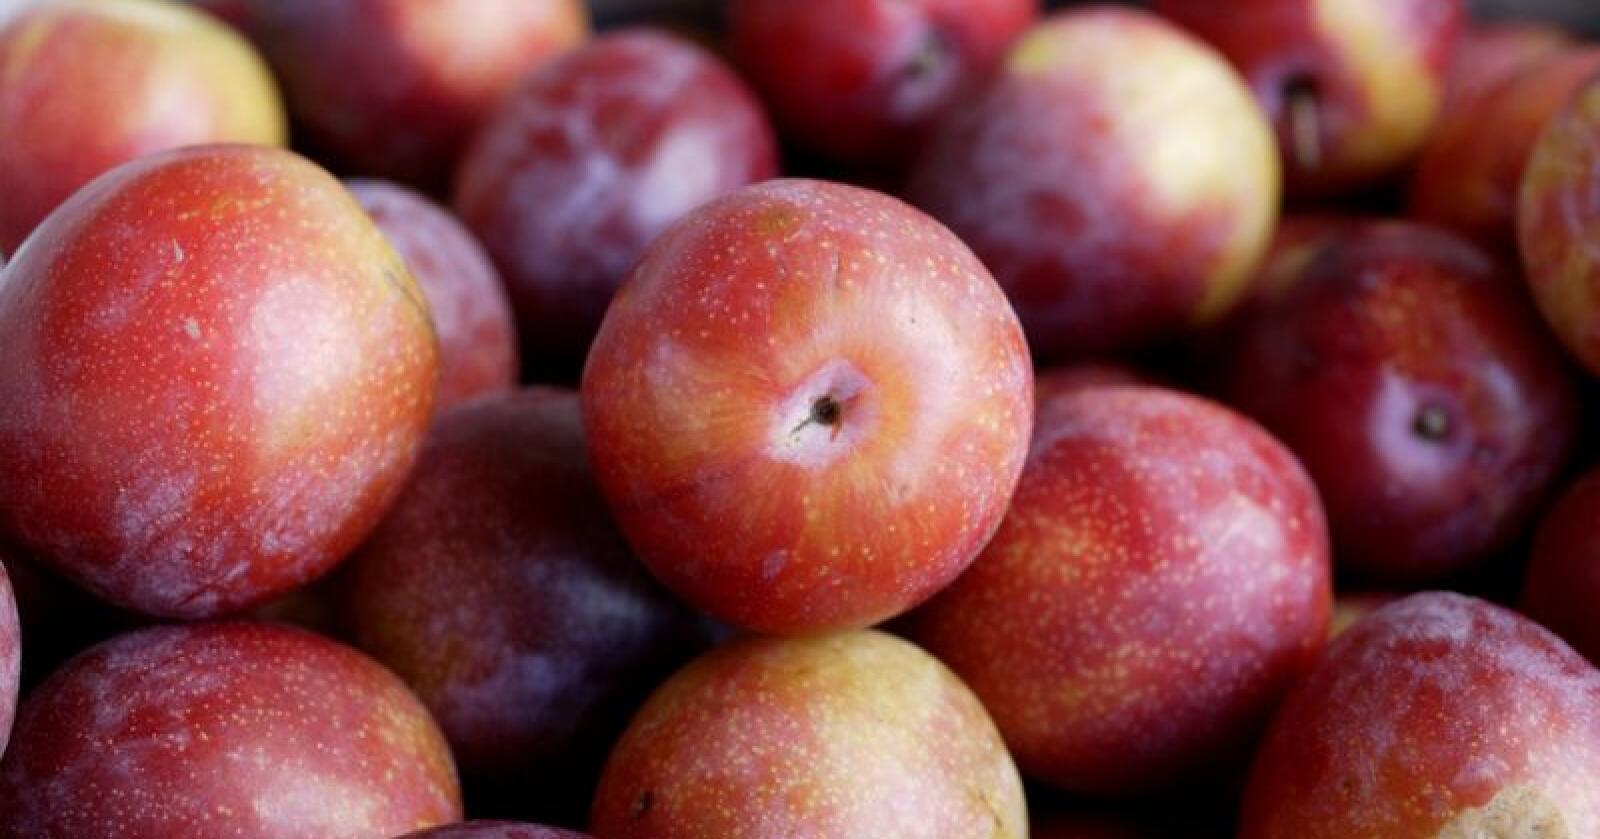 Økobonden Lars J. Nå taper om lag 140.000 på å produsere økologiske plommer. Salet av økologisk frukt går ned i daglegvarehandelen. Frukta som ikkje blir selt går ofte som ordinær vare. Foto: Berit Roald / NTB scanpix / NPK